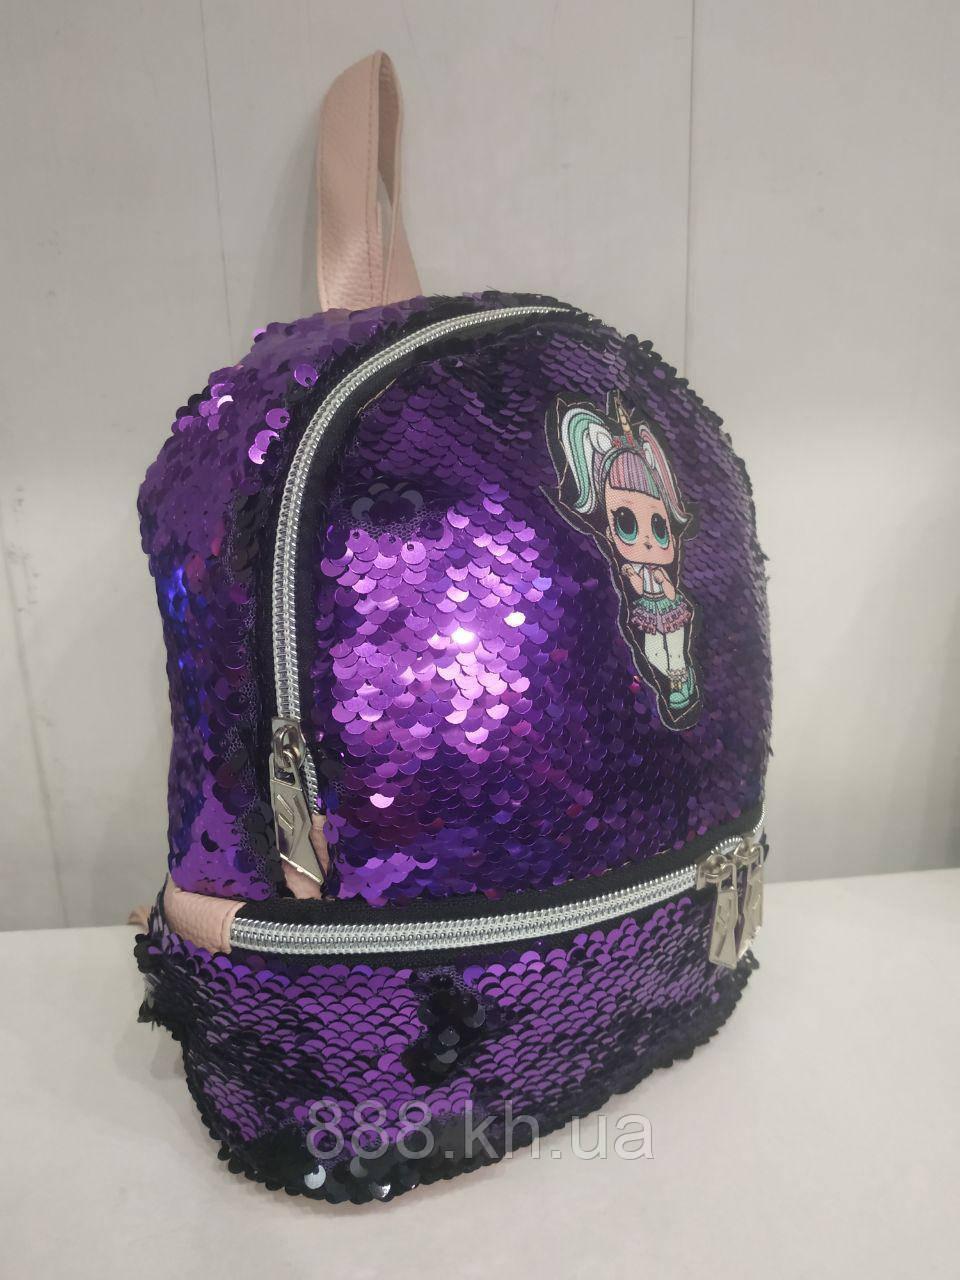 Стильный детский рюкзак для девочек, детская сумка для прогулок, дитячий ранець (фиолетовый)